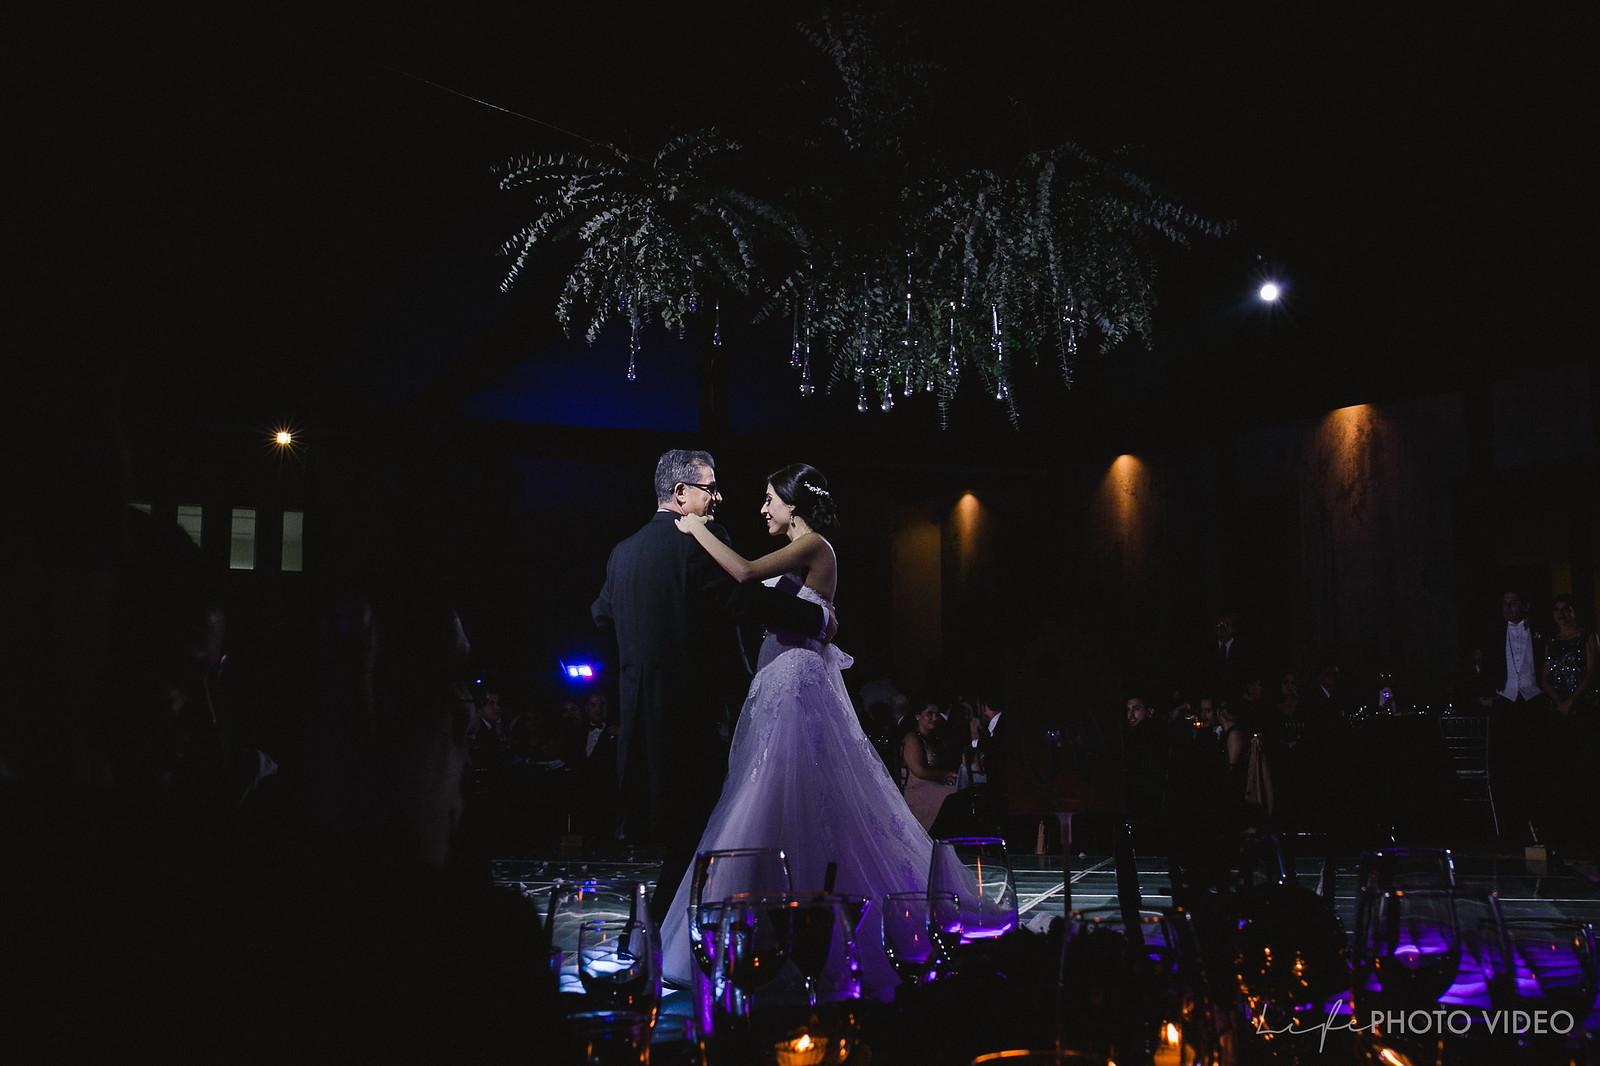 Boda_Leon_Guanajuato_Wedding_0088